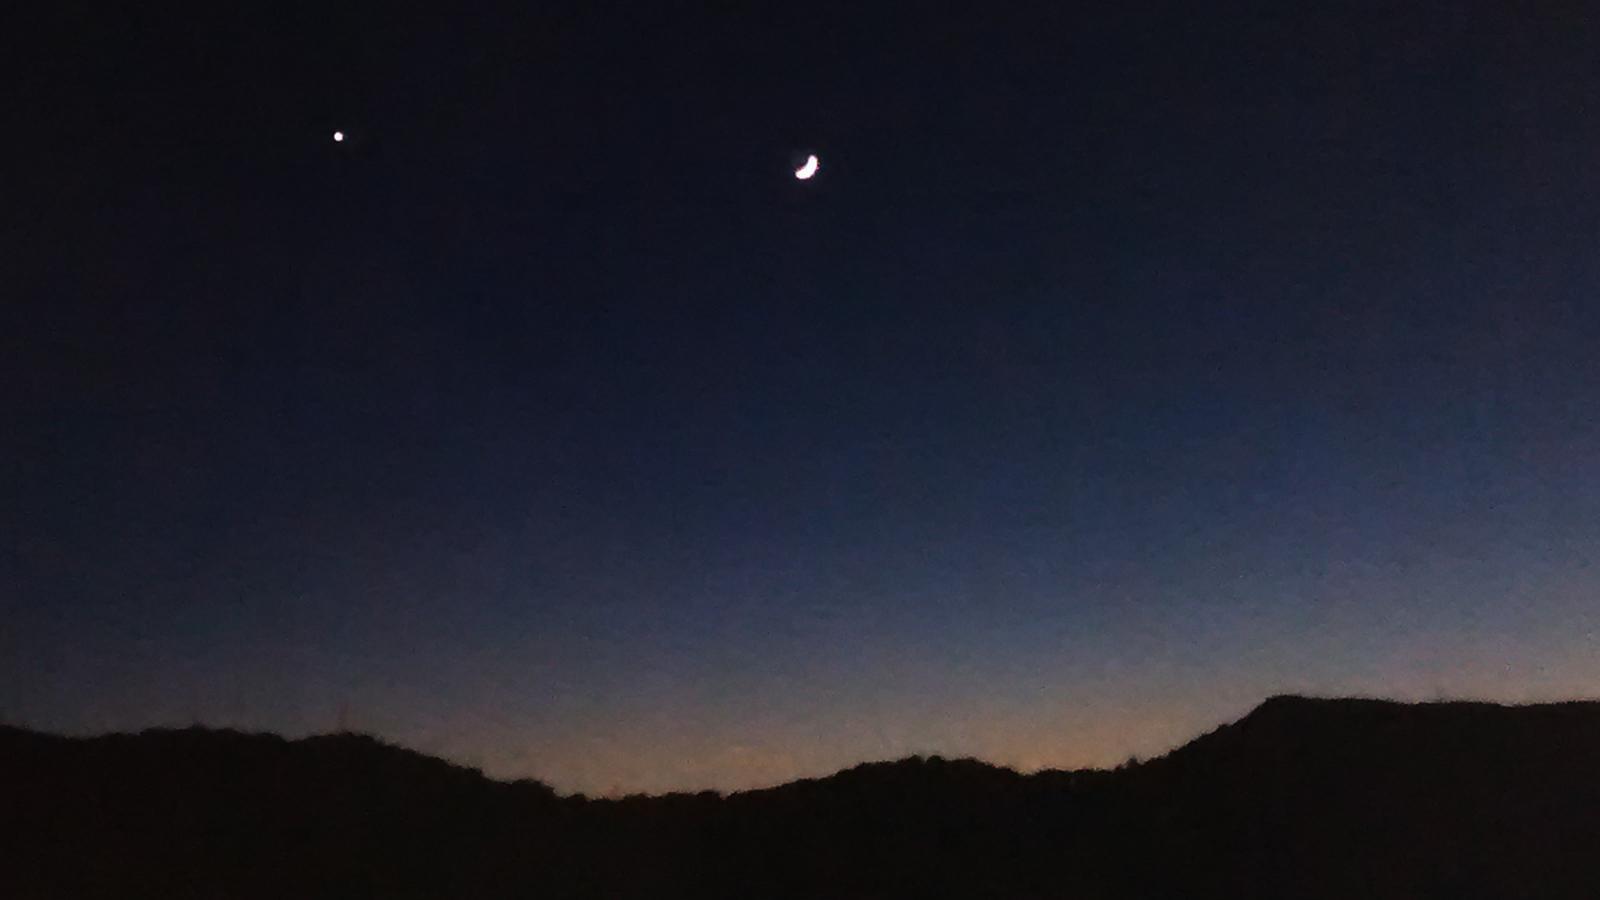 Calendari astronòmic del desembre: els fenòmens que no us heu de perdre